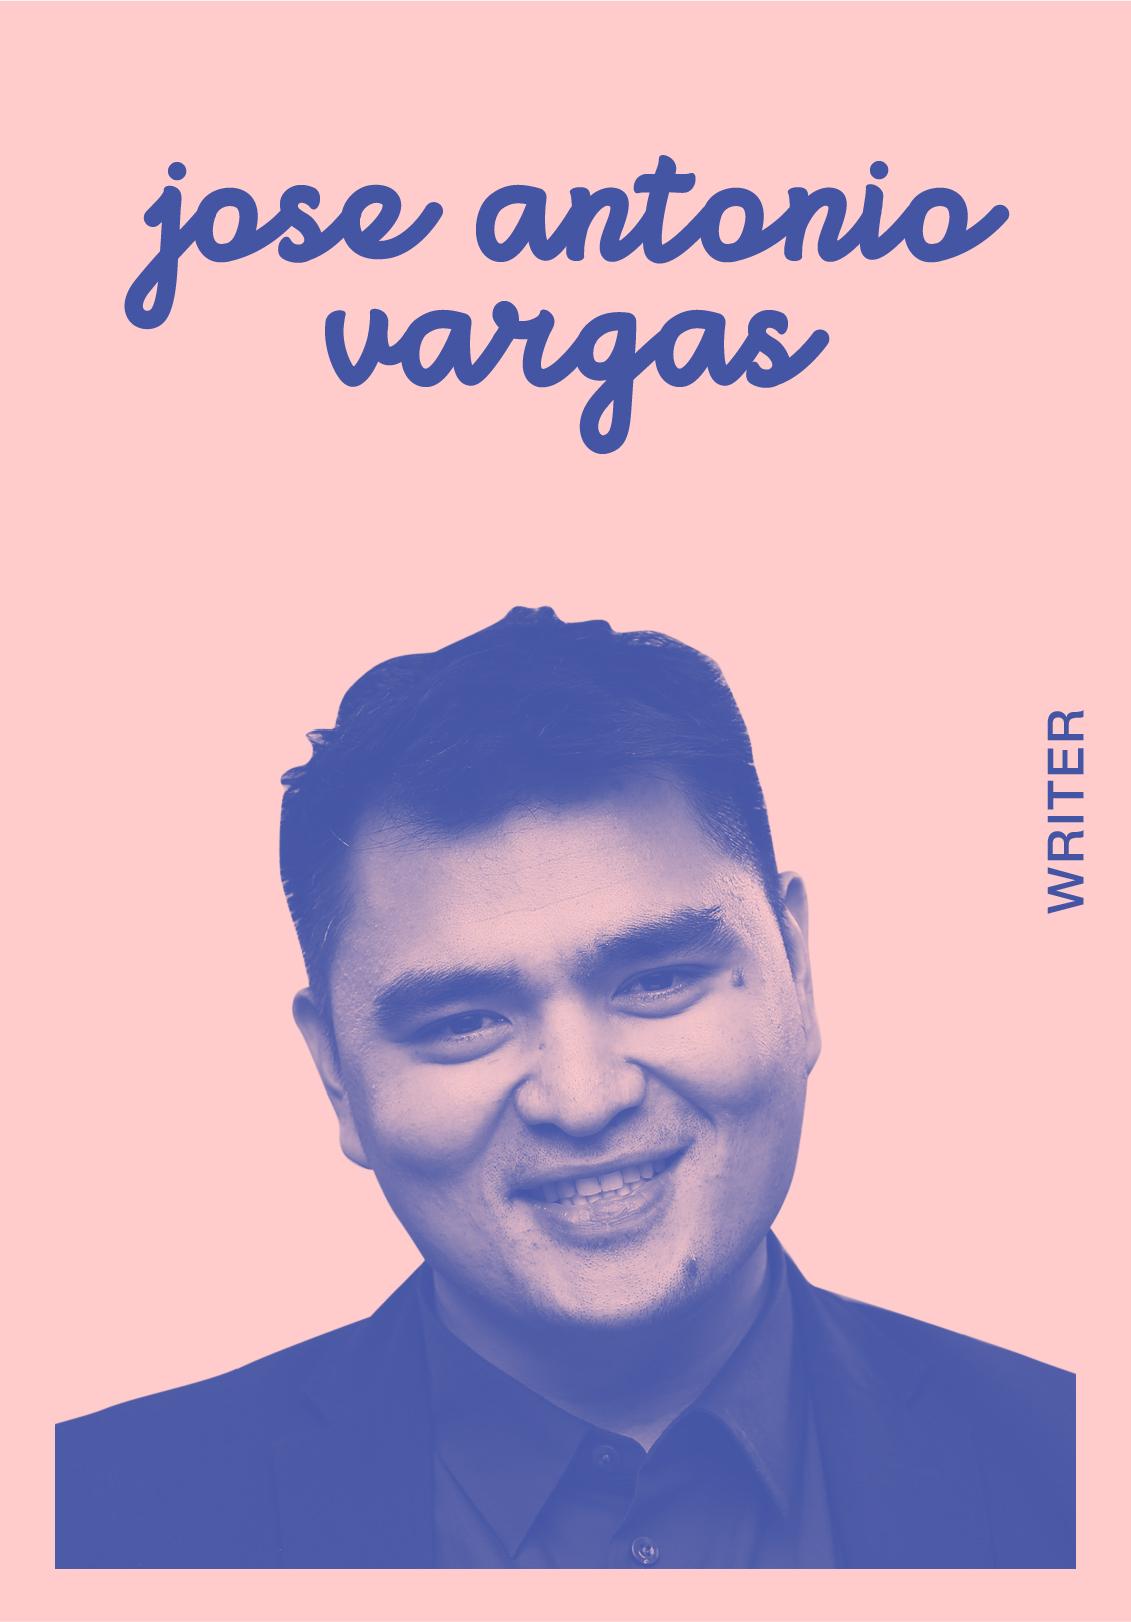 Jose Antonio Vargas   WEBSITE   @JOSEISWRITING   IG: JOSEISWRITING